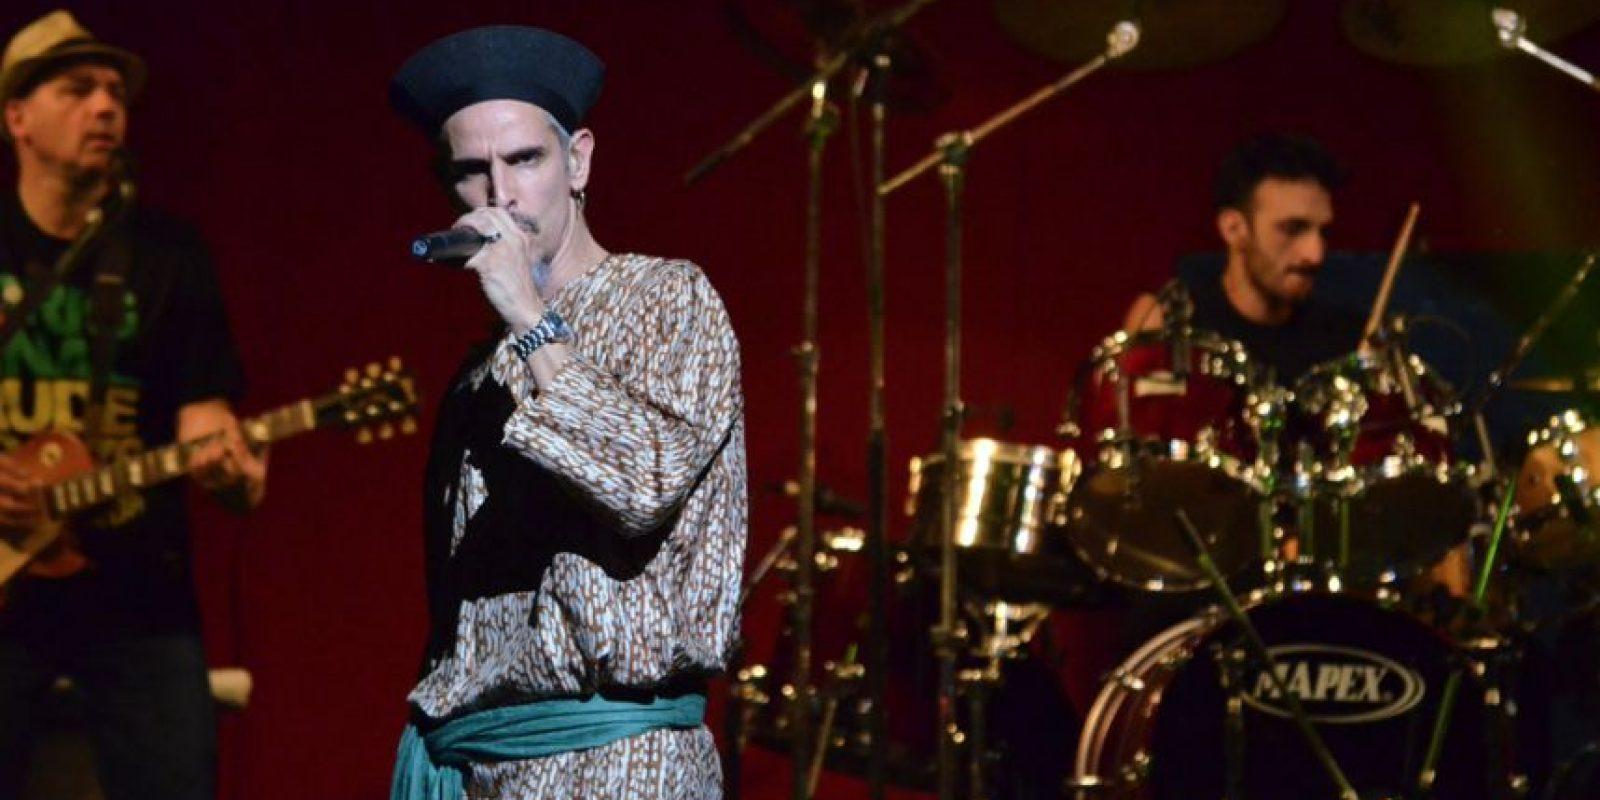 """Recientemente se revelaron las 10 canciones favoritas de Lionel Messi, y la primera de ellas es """"Hijo"""" de Los Cafres, una banda argentina de reggae. Foto:loscafres.net"""